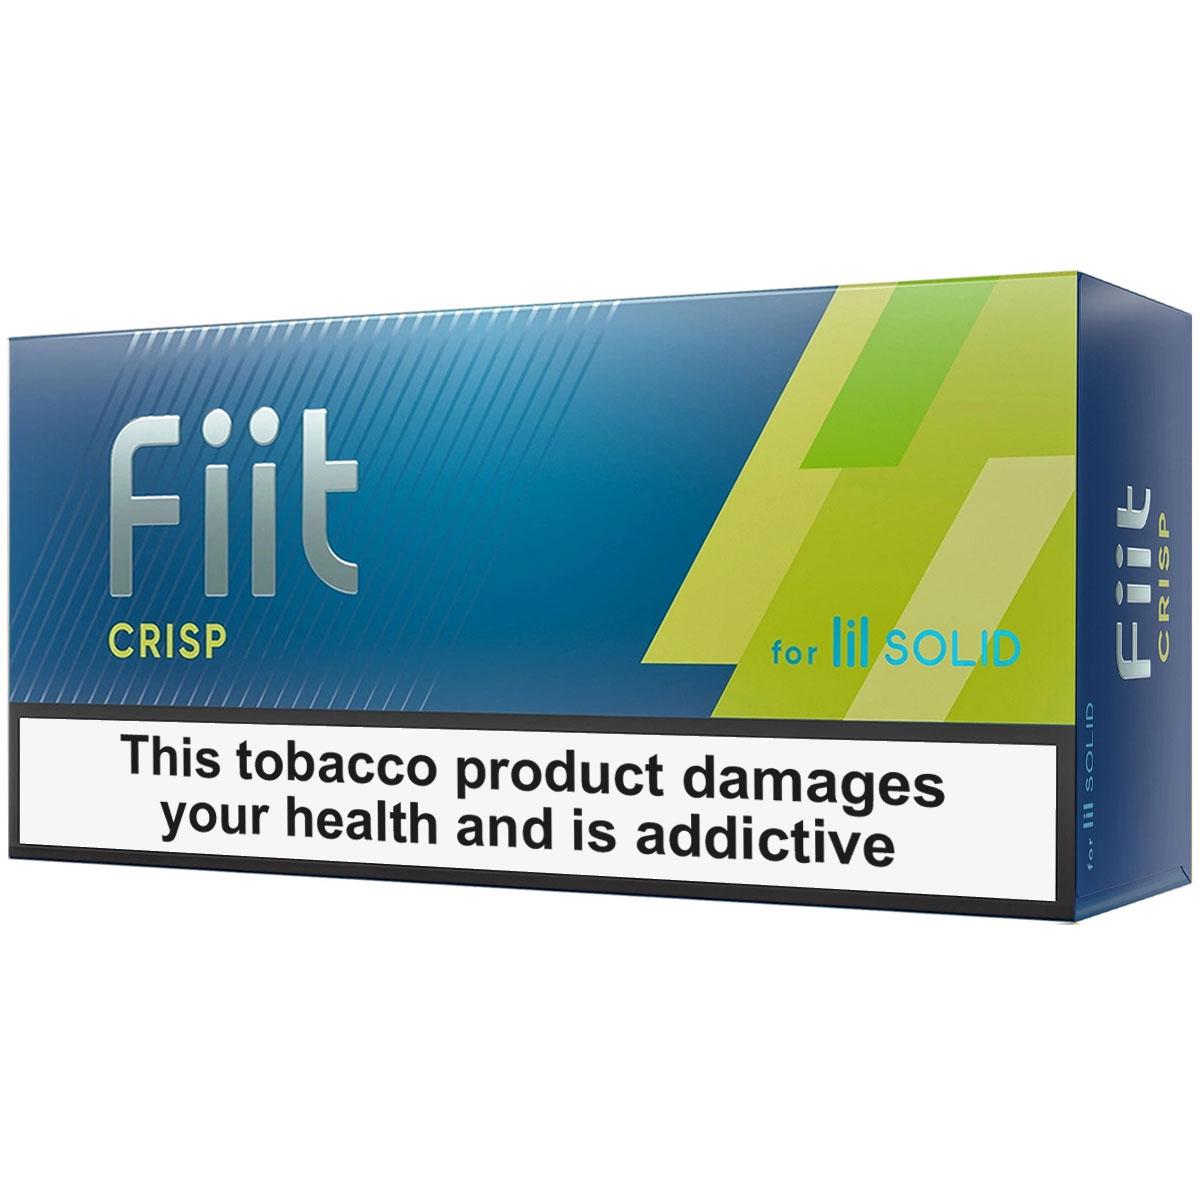 Fiit - Crisp